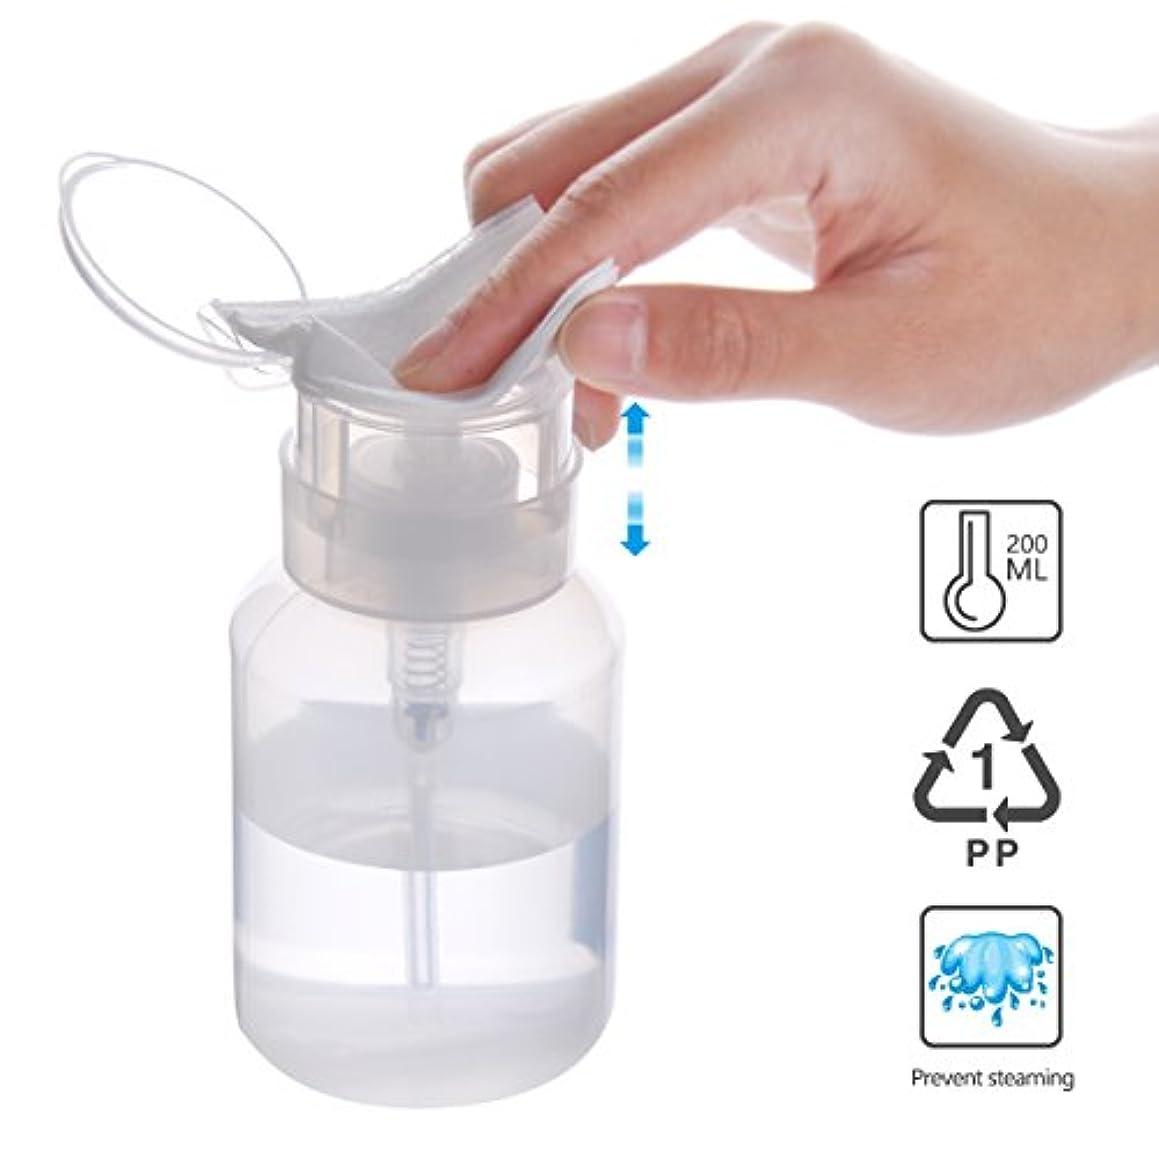 アナログ私たちリサイクルするBiutee 200 mlリットル空ポンプ ボトル 2個入り ネイルアートツール ネイル道具 ネイルケア セット ネイルケア用品 ネイル ジェル (ネイルブラシホルダー)